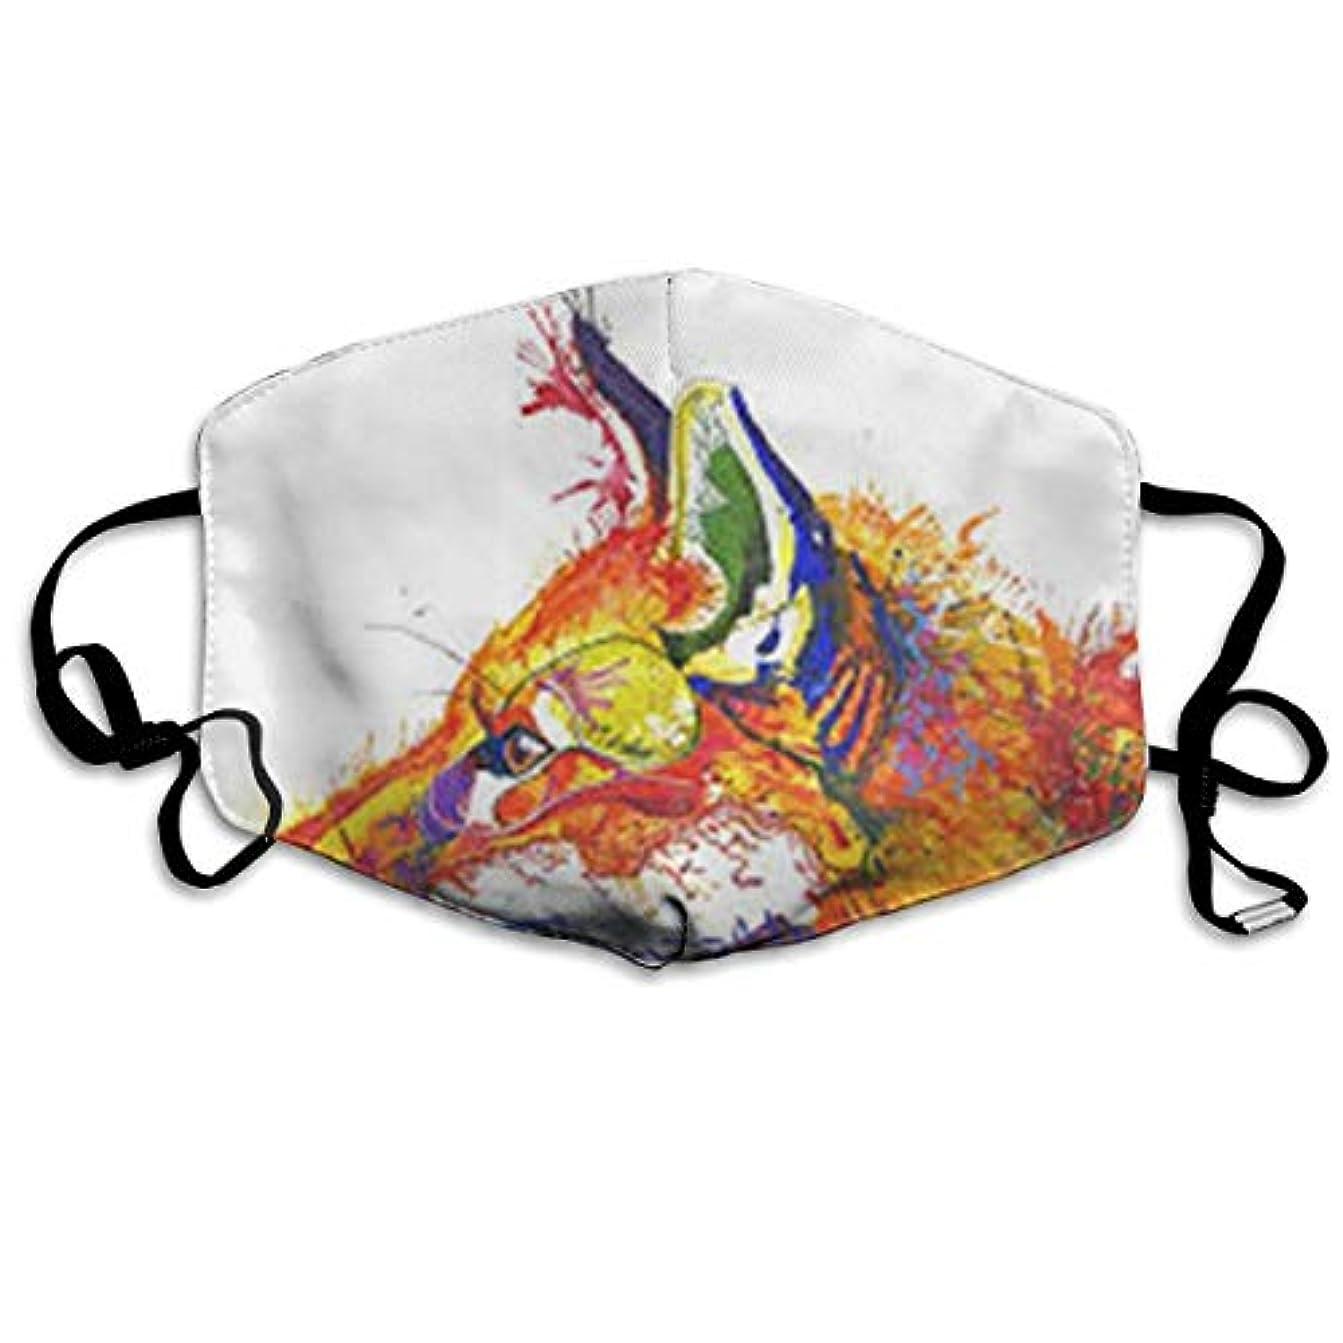 言い直すバブル正規化Morningligh オリジナル キツネ マスク 使い捨てマスク ファッションマスク 個別包装 まとめ買い 防災 避難 緊急 抗菌 花粉症予防 風邪予防 男女兼用 健康を守るため